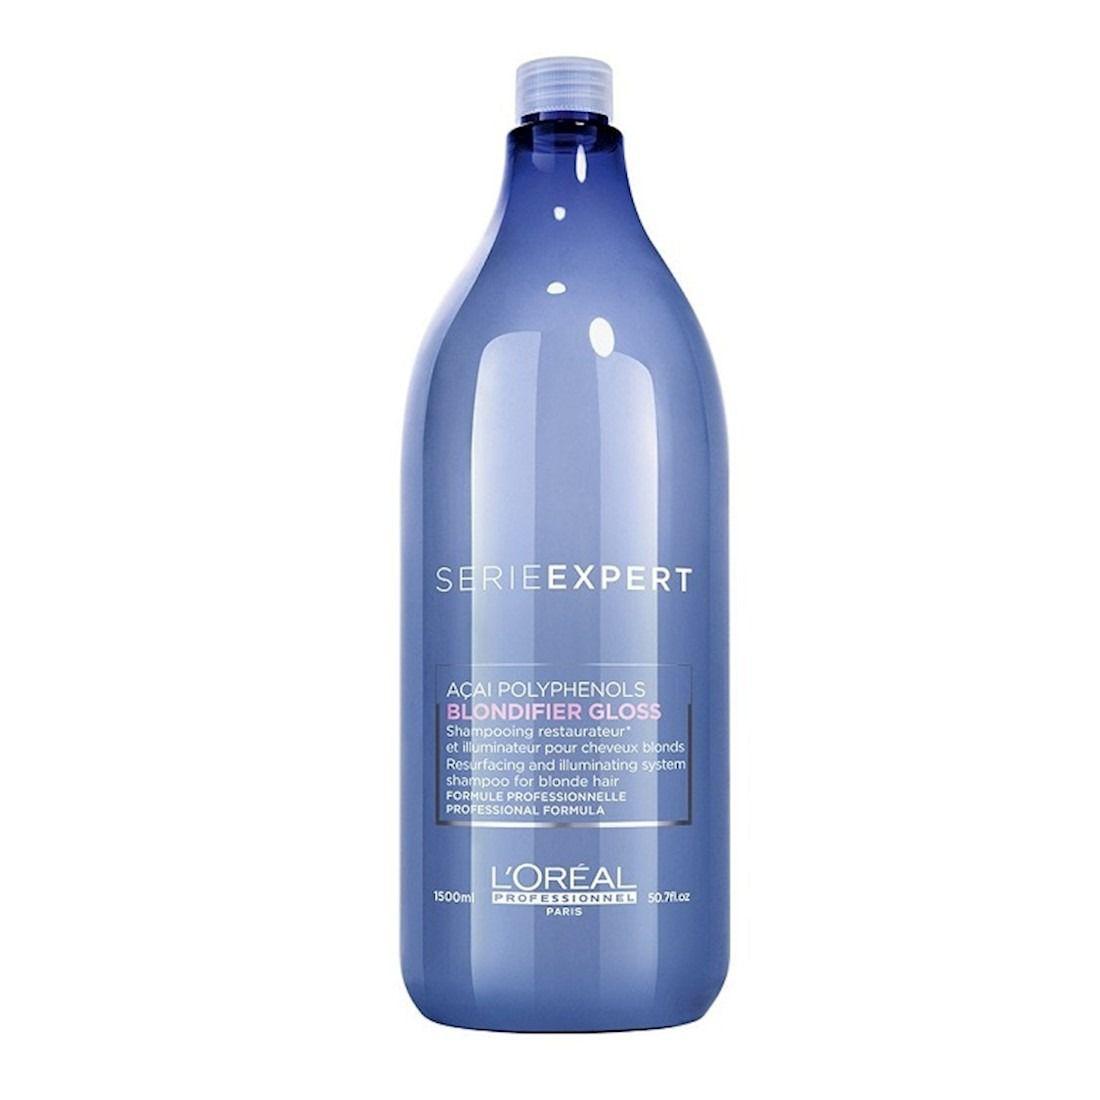 Shampoo Blondifier Gloss 1,5L – L'Oréal Professionnel  - Beleza Outlet